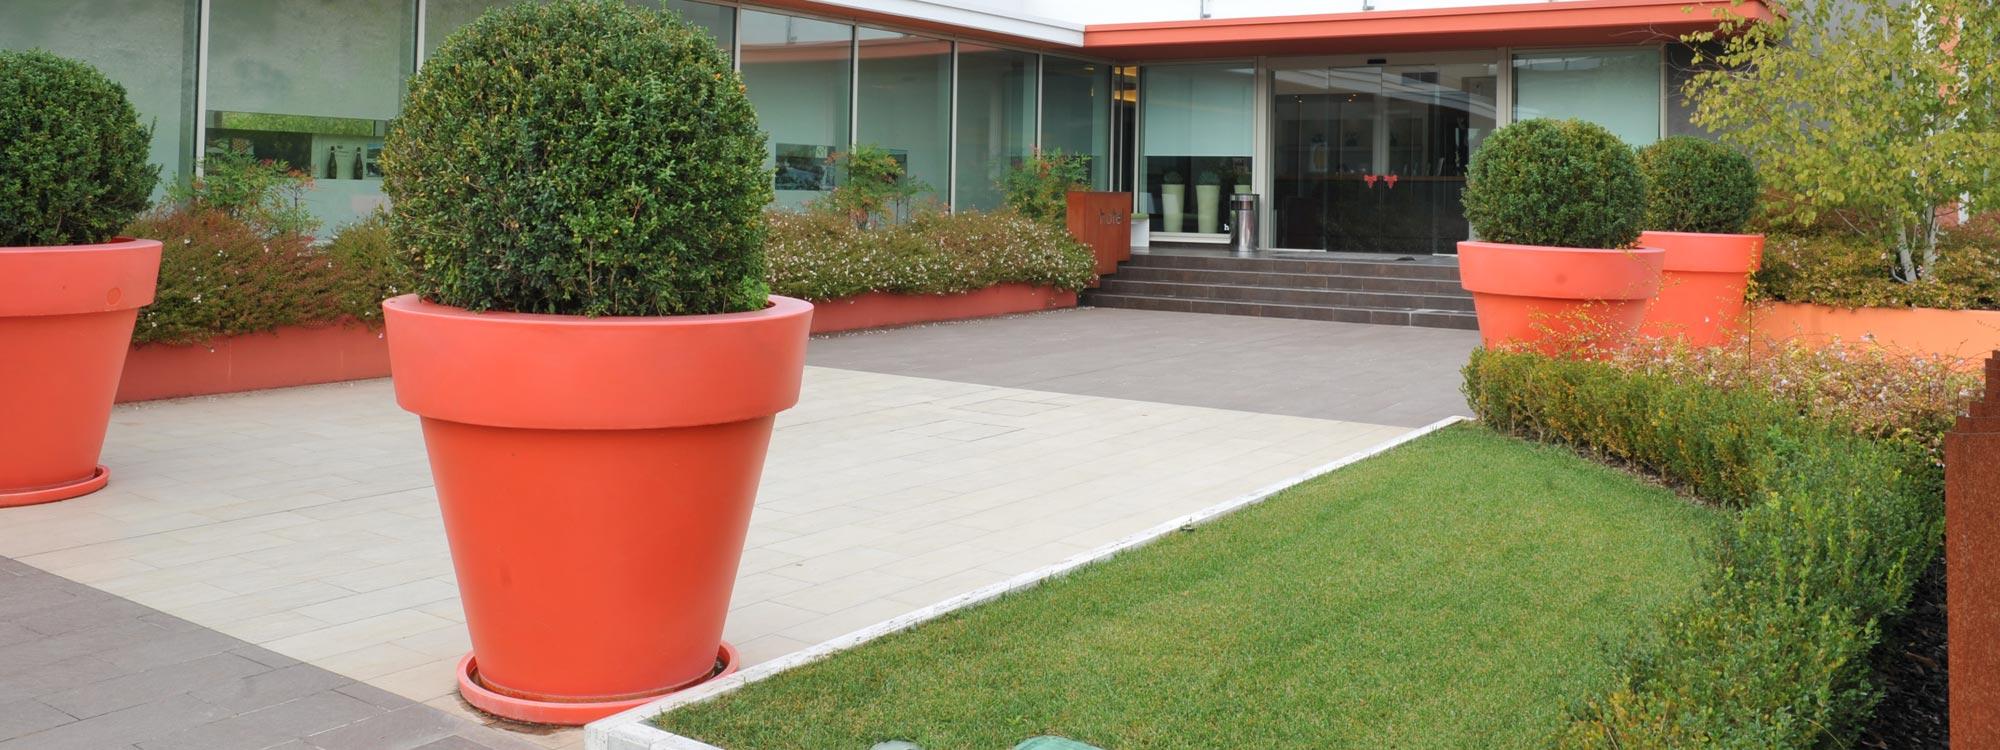 Esterni e giardini arredo bagno materiali edili for Giardini esterni